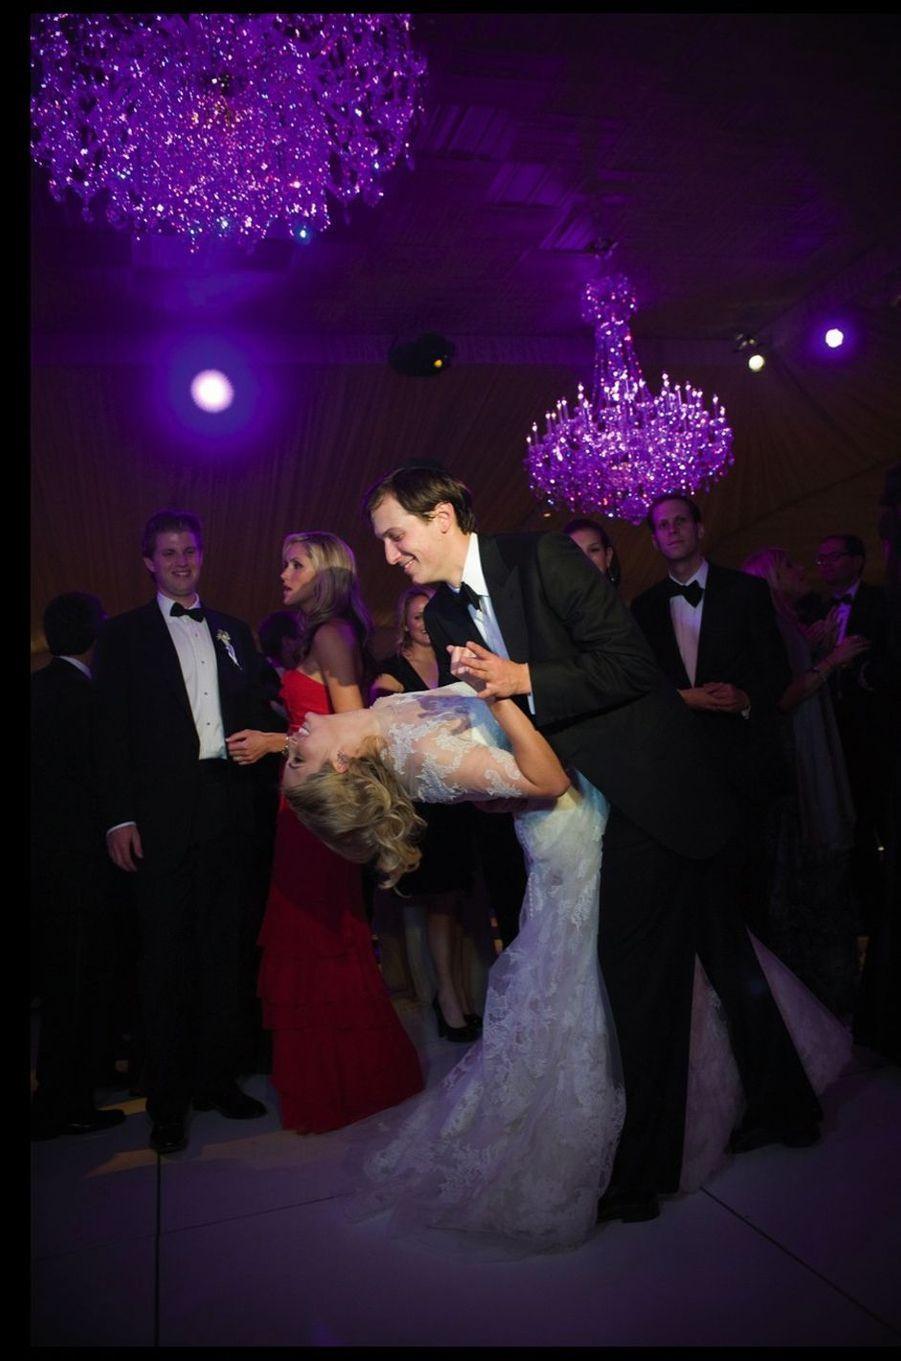 Le 25 octobre 2009, Ivanka épouse le promoteur immobilier Jared Kushner, qui sera le conseiller de Donald Trump pendant la campagne présidentielle.